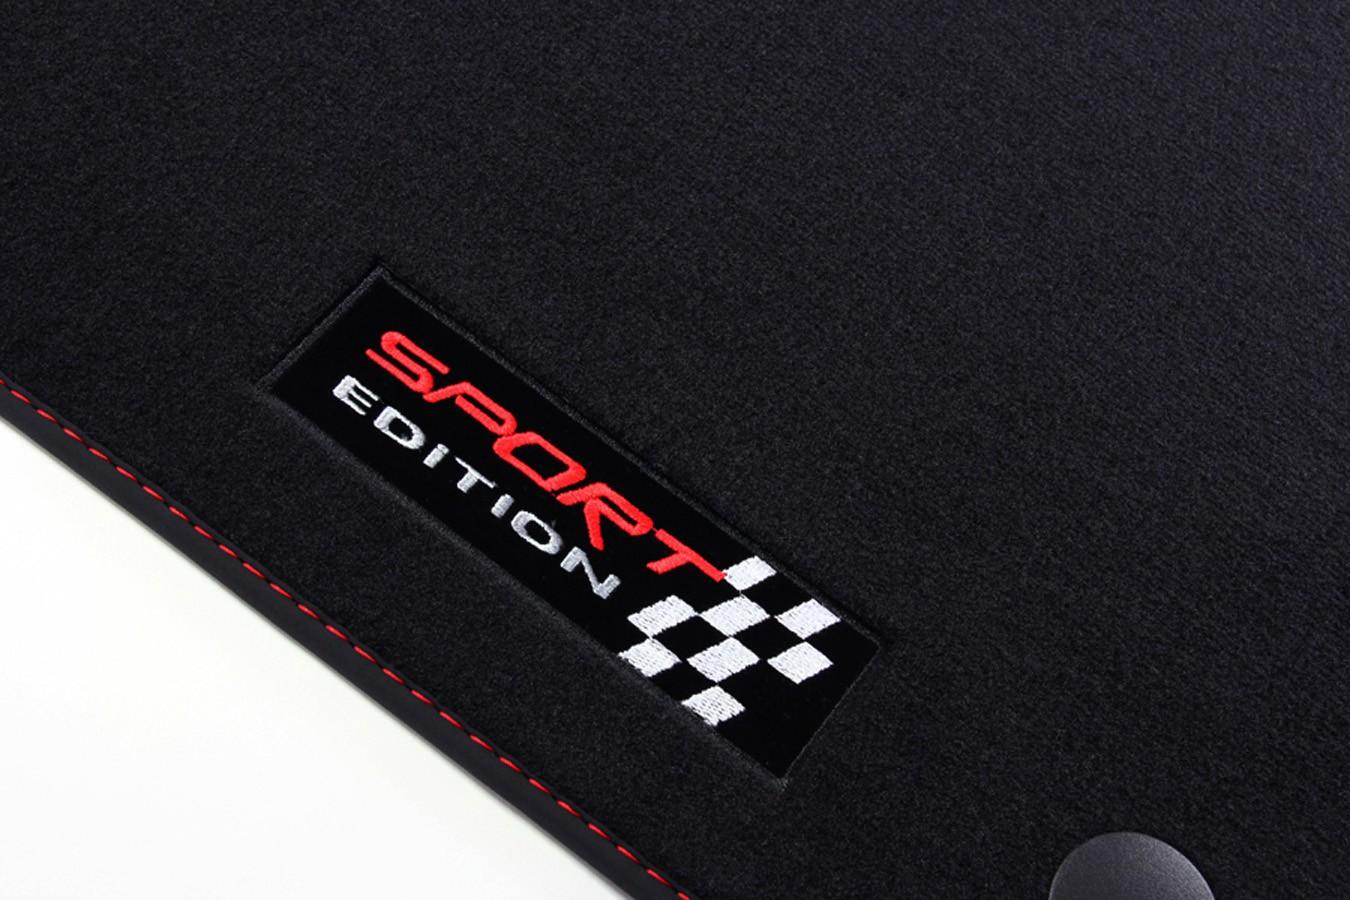 sport tapis de sol de voitures pour mazda 3 ann e 2013 tapis de voiture pour mazda. Black Bedroom Furniture Sets. Home Design Ideas